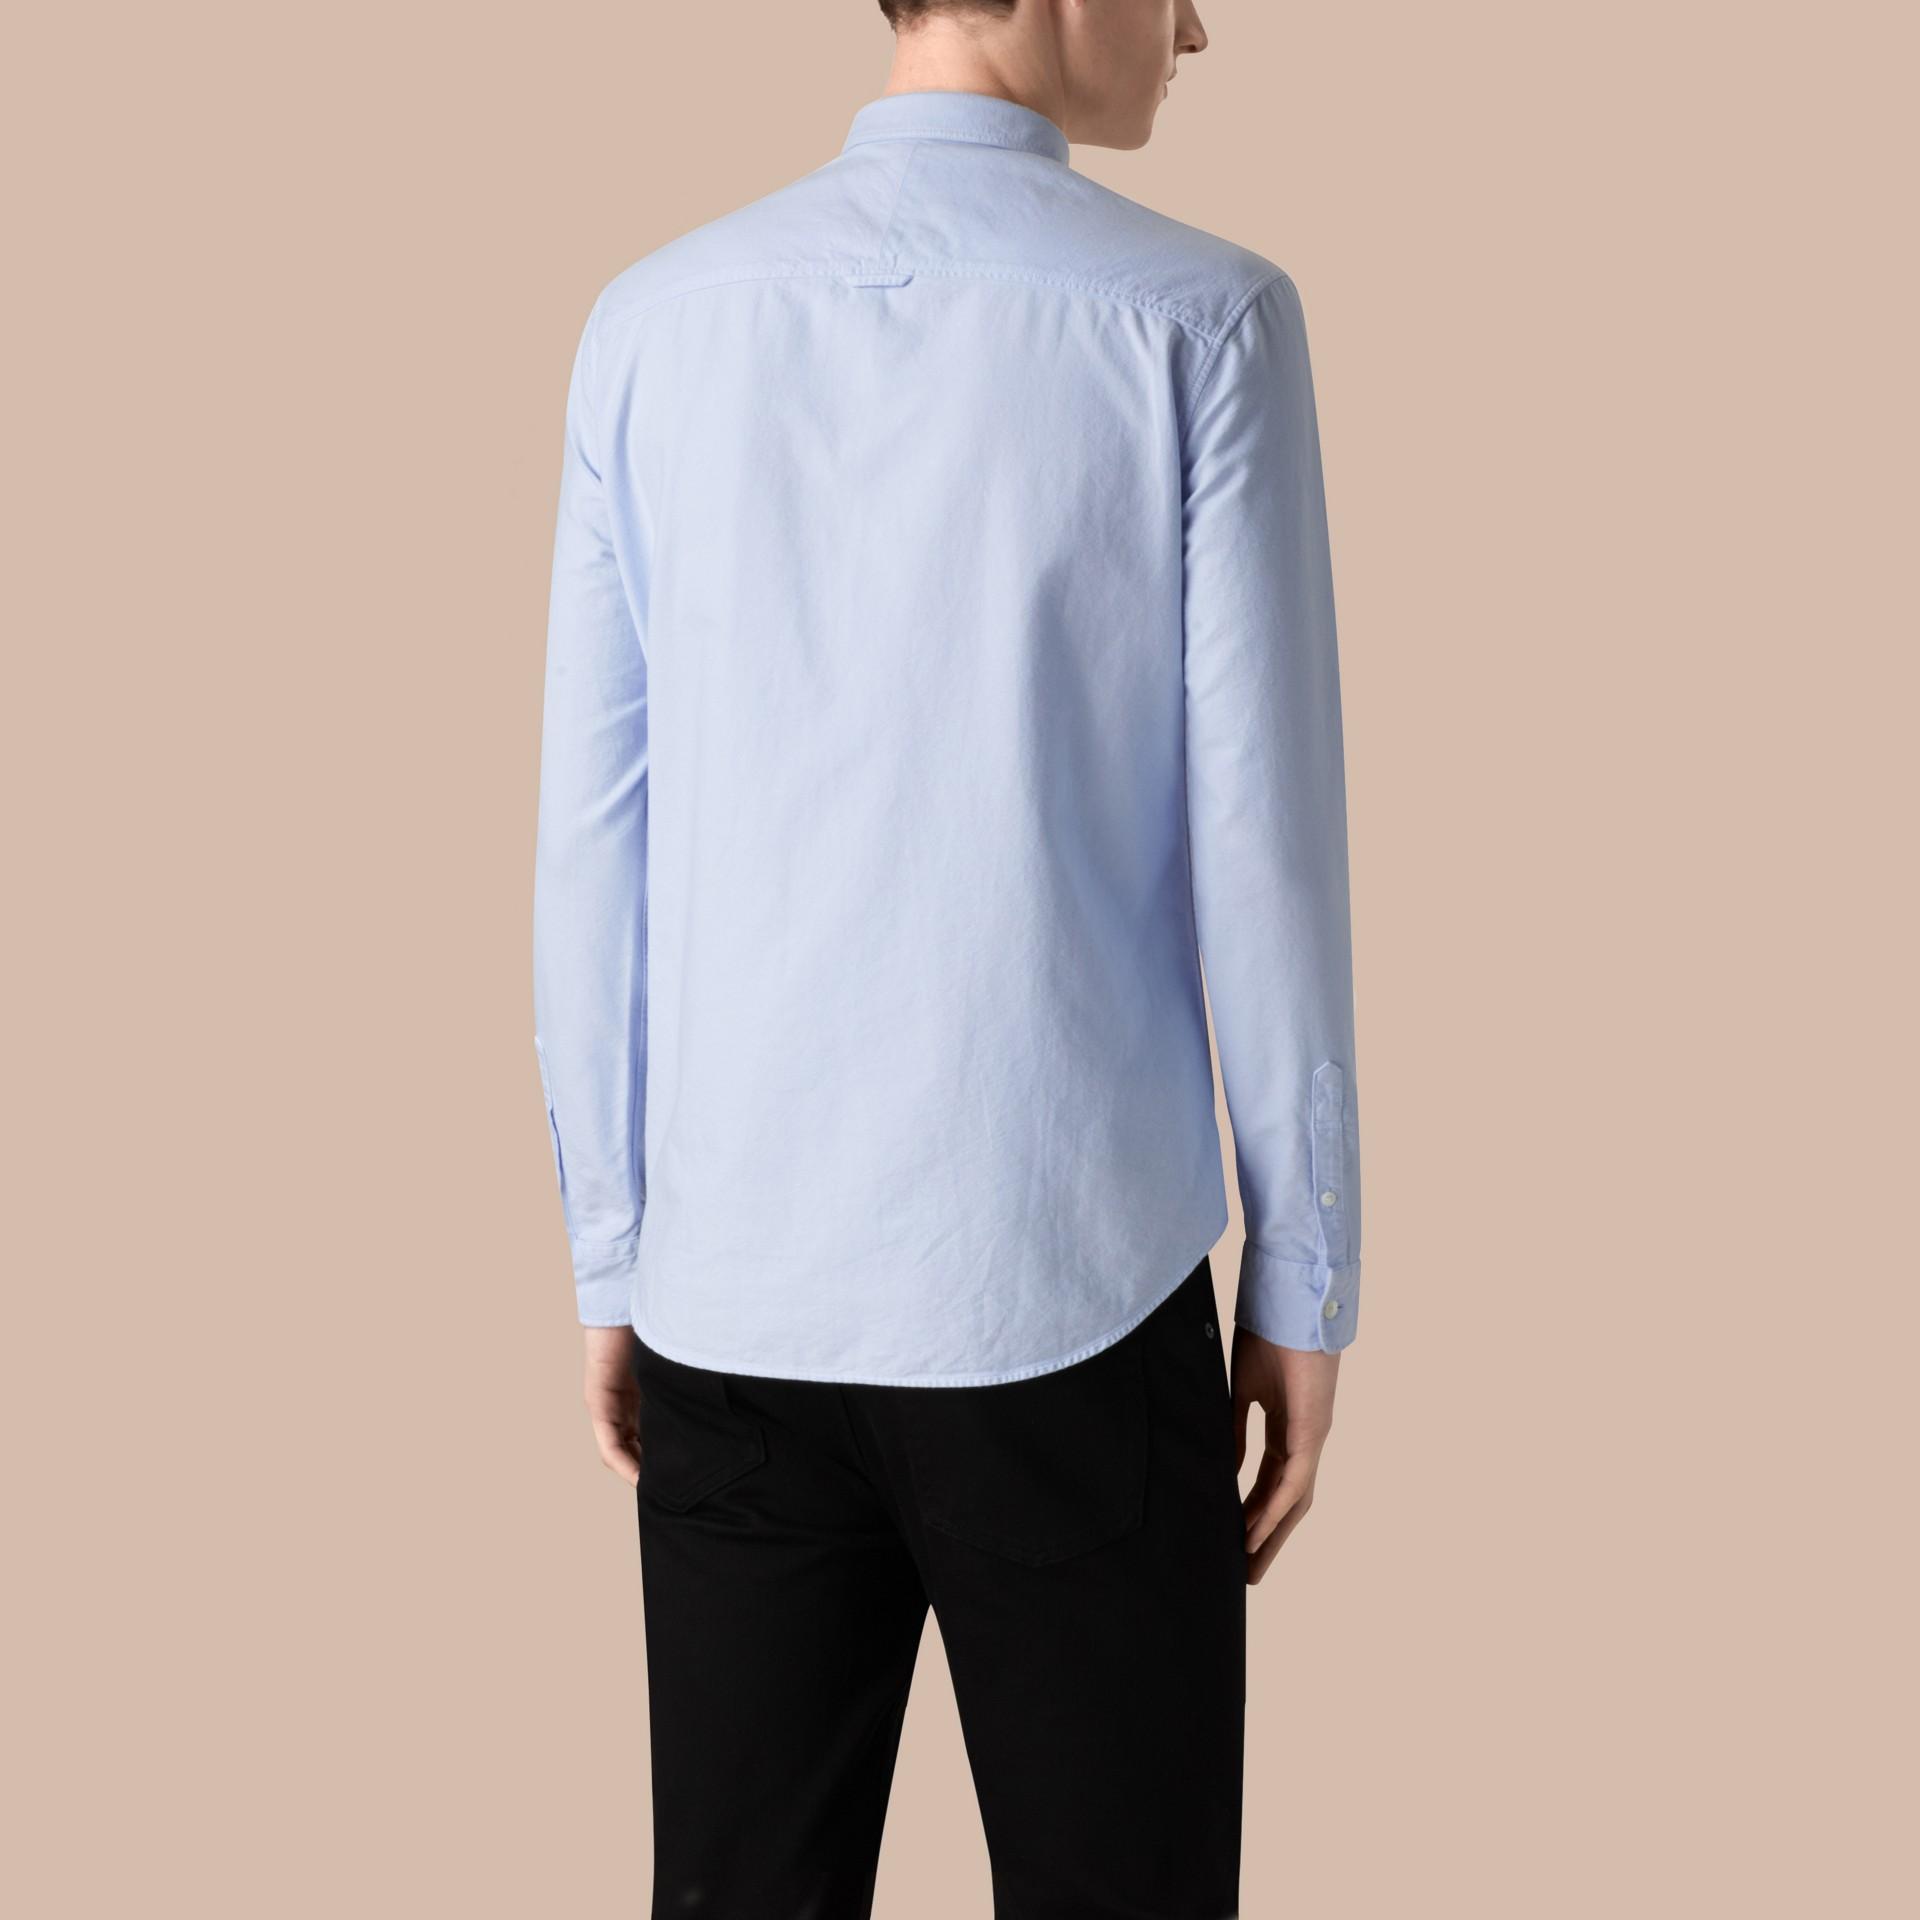 페일 블루 코튼 옥스퍼드 셔츠 페일 블루 - 갤러리 이미지 3